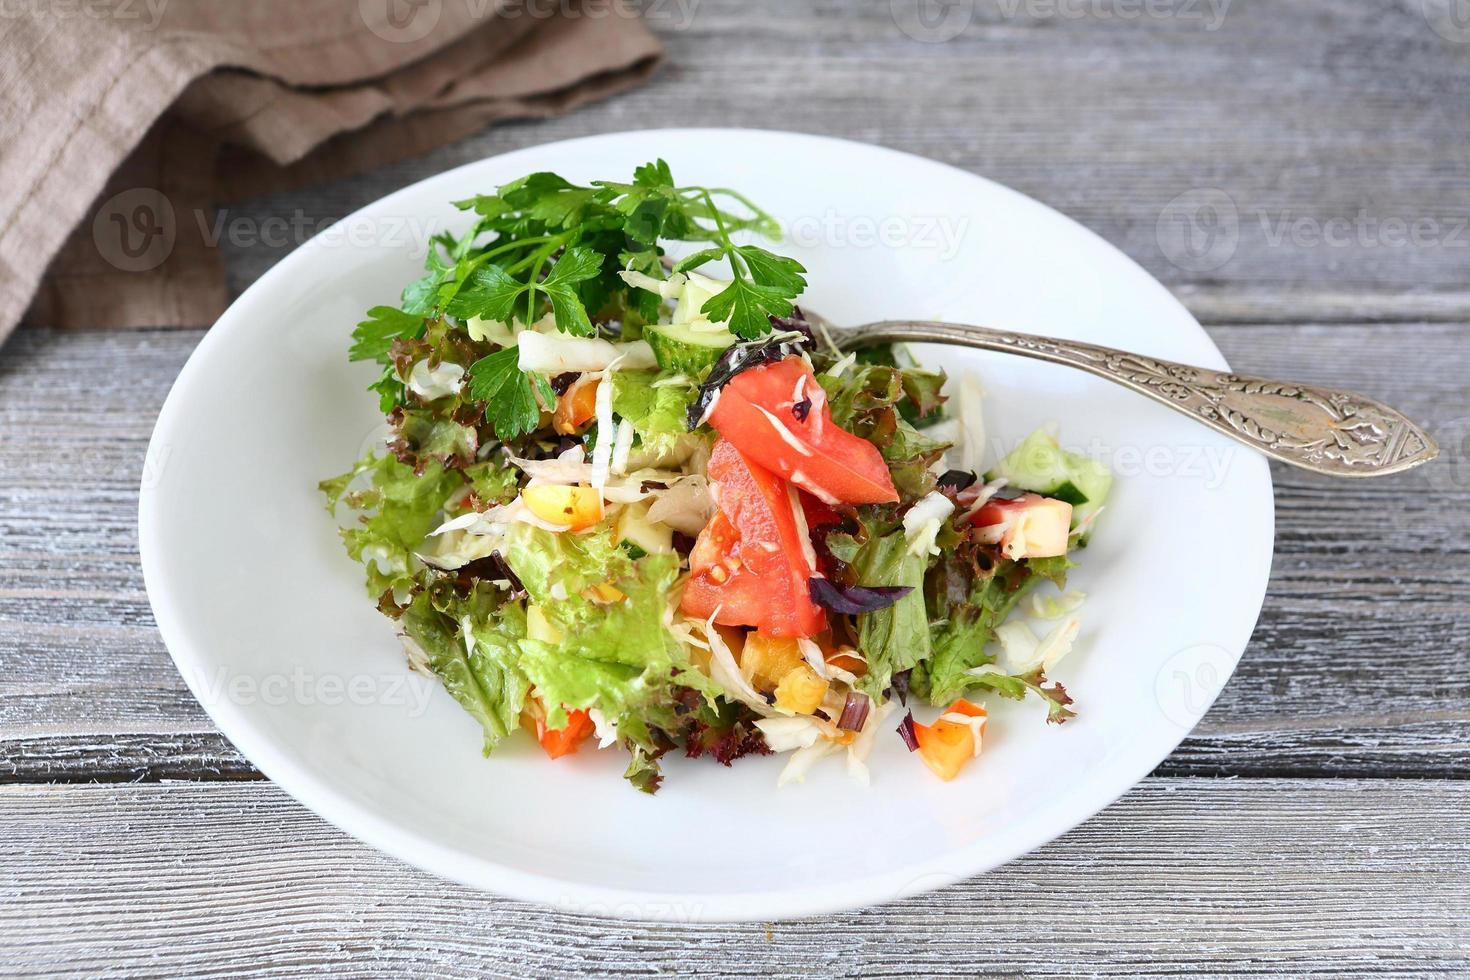 insalata con verdure su un piatto foto